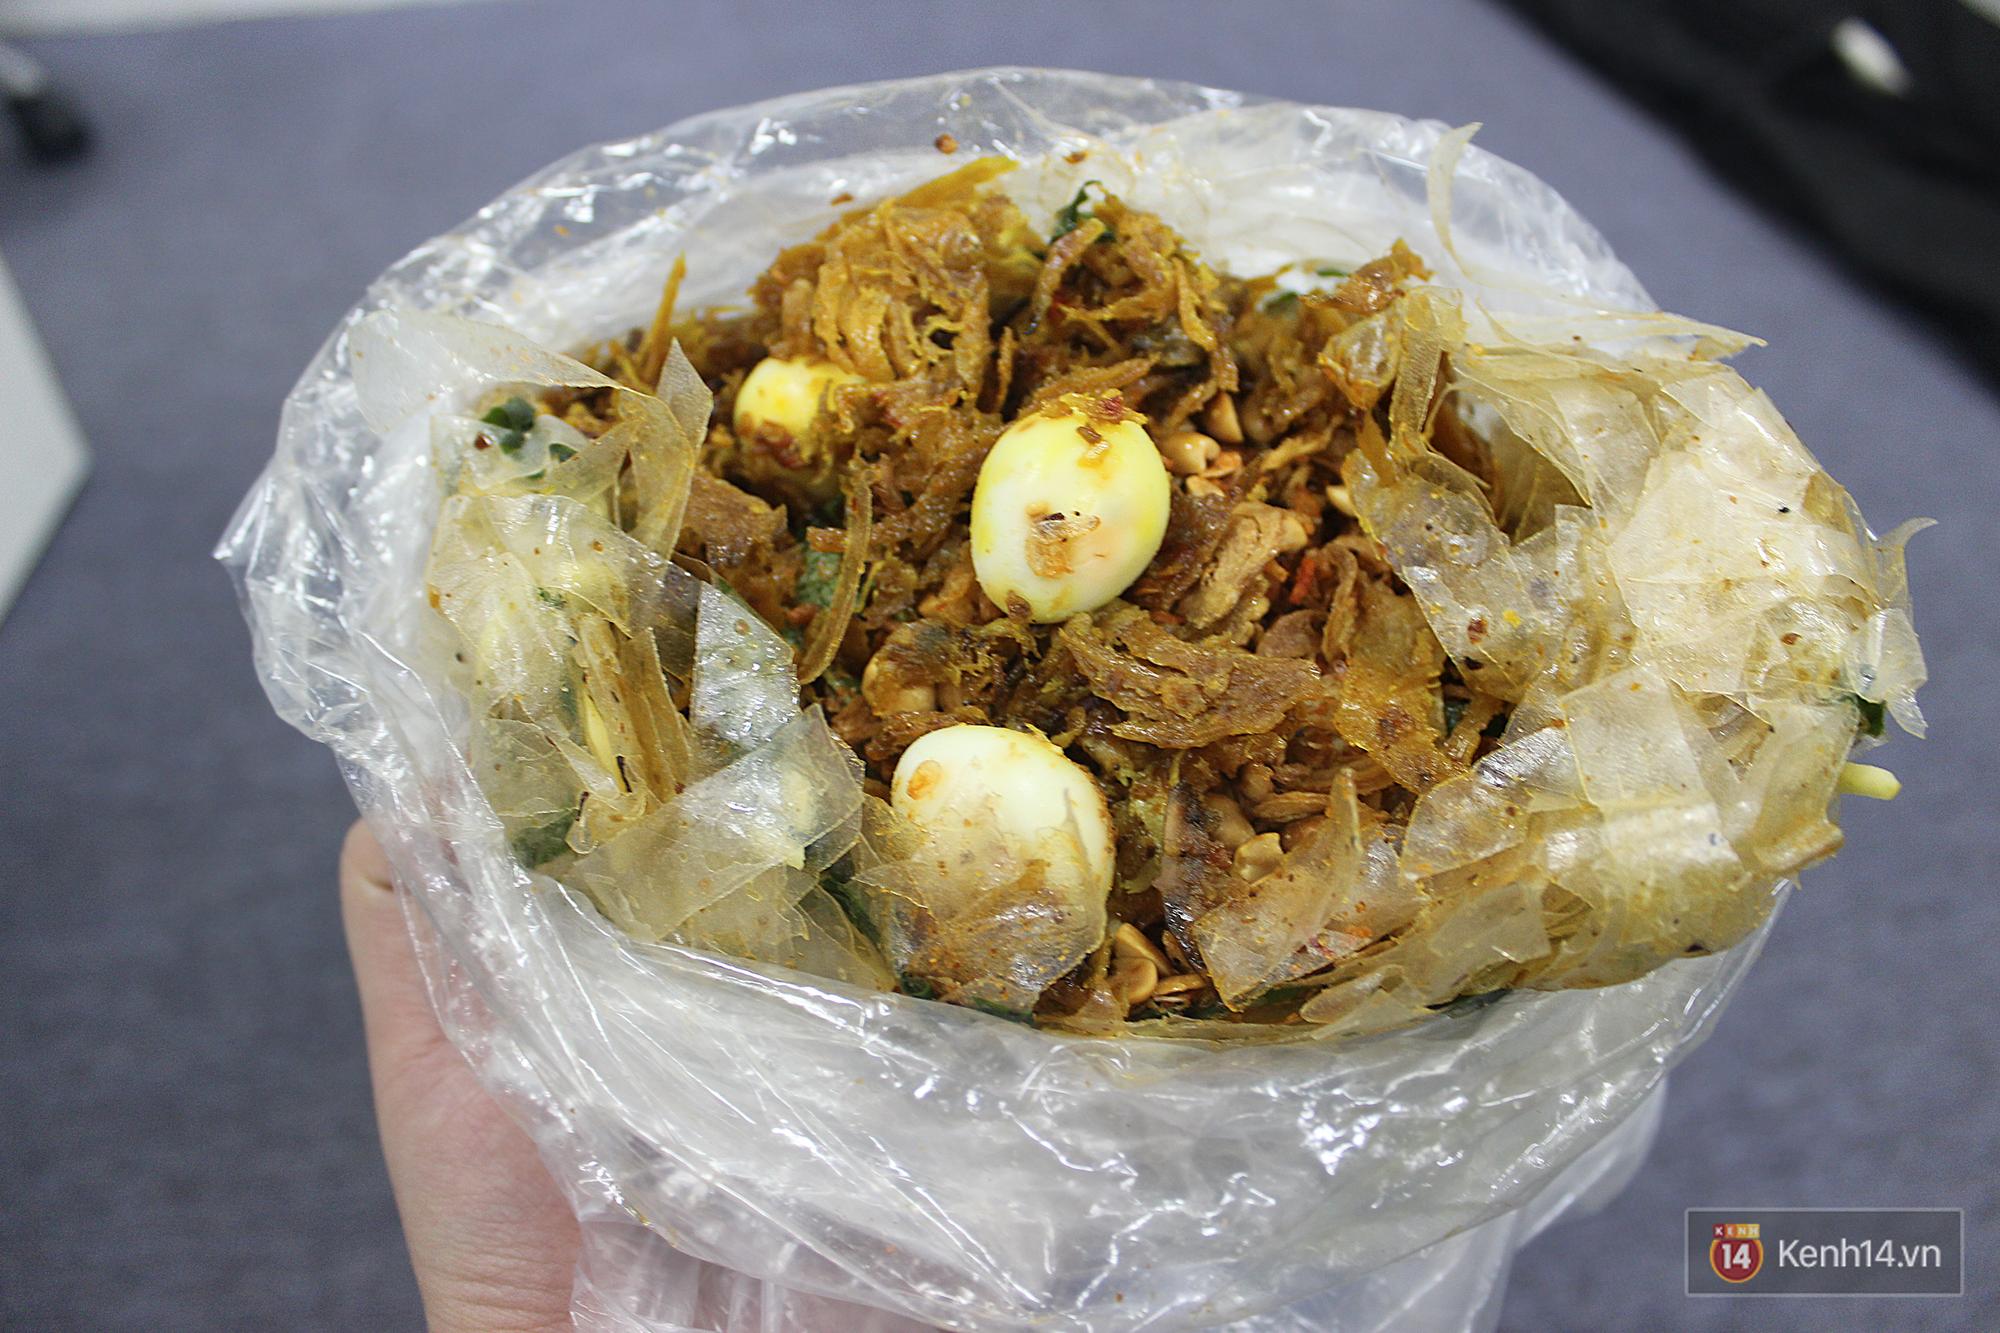 Ăn gì chất như bánh tráng trộn nghệ sĩ ở Sài Gòn - Ảnh 8.